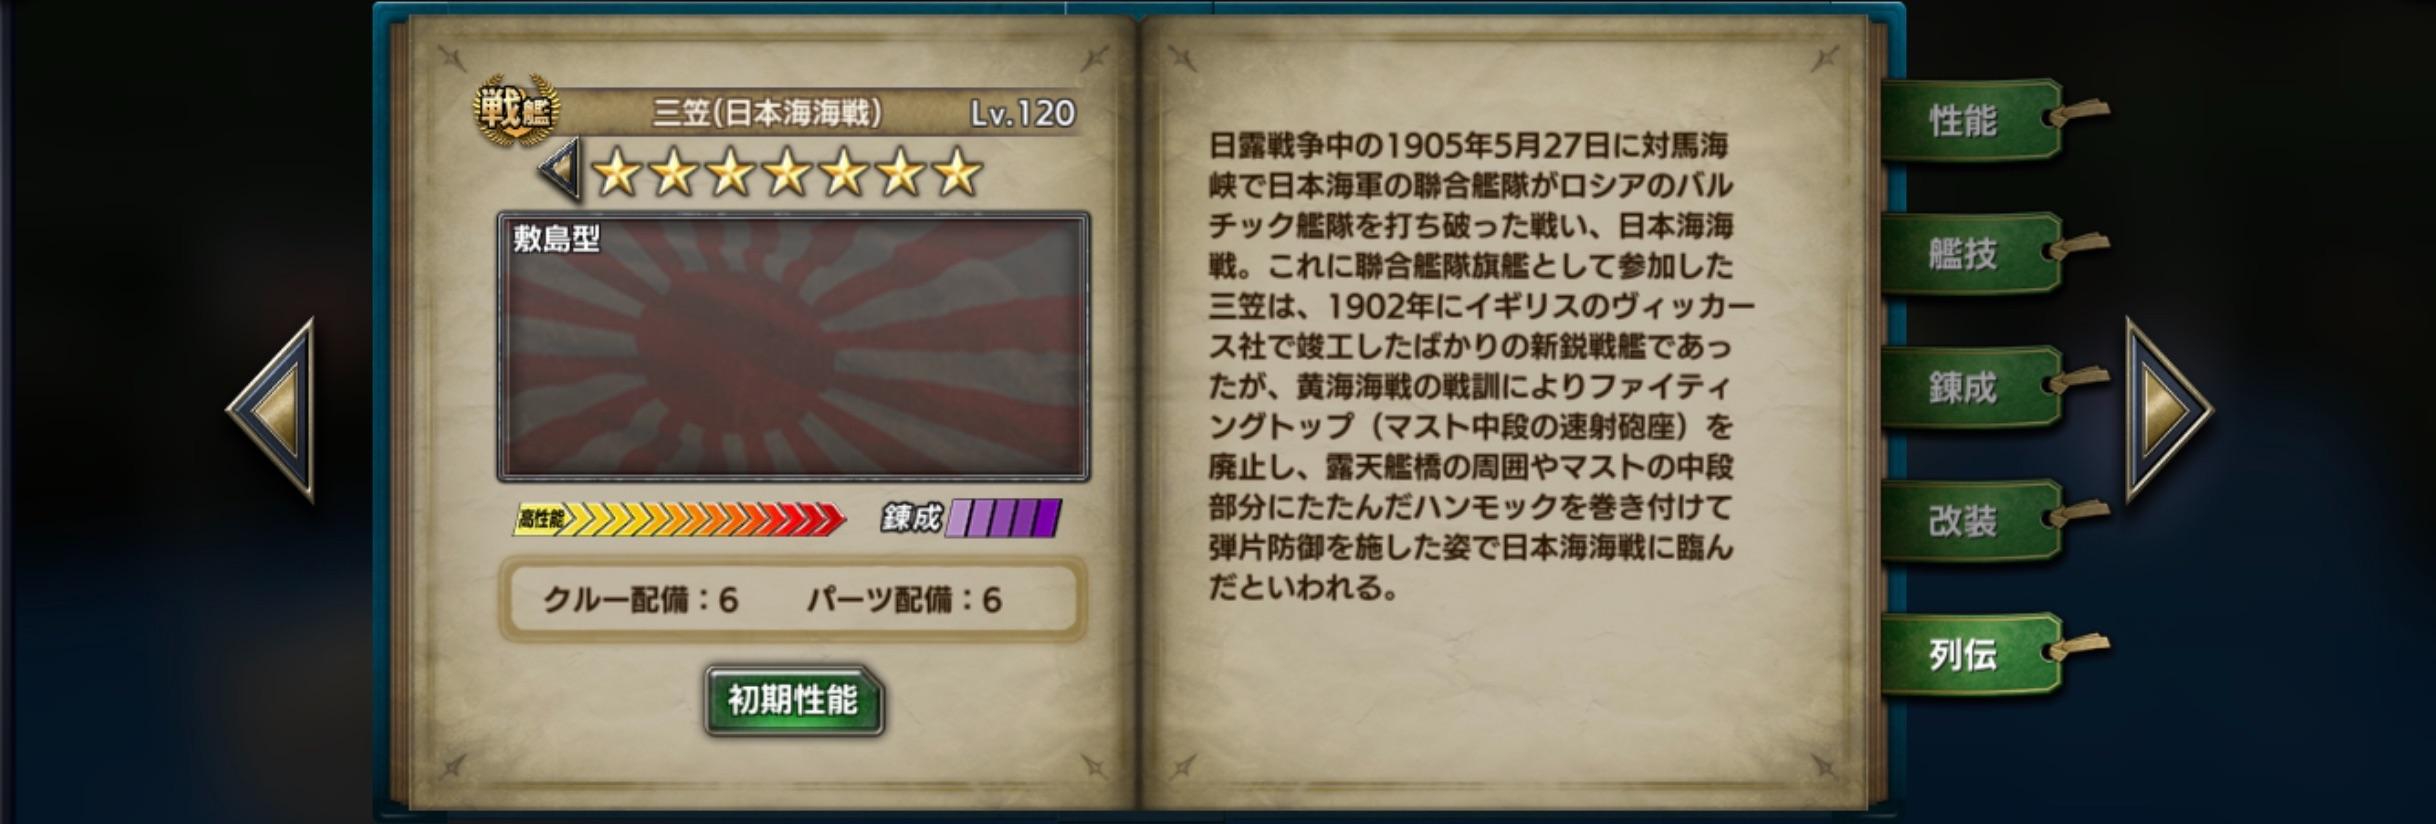 Mikasa-history